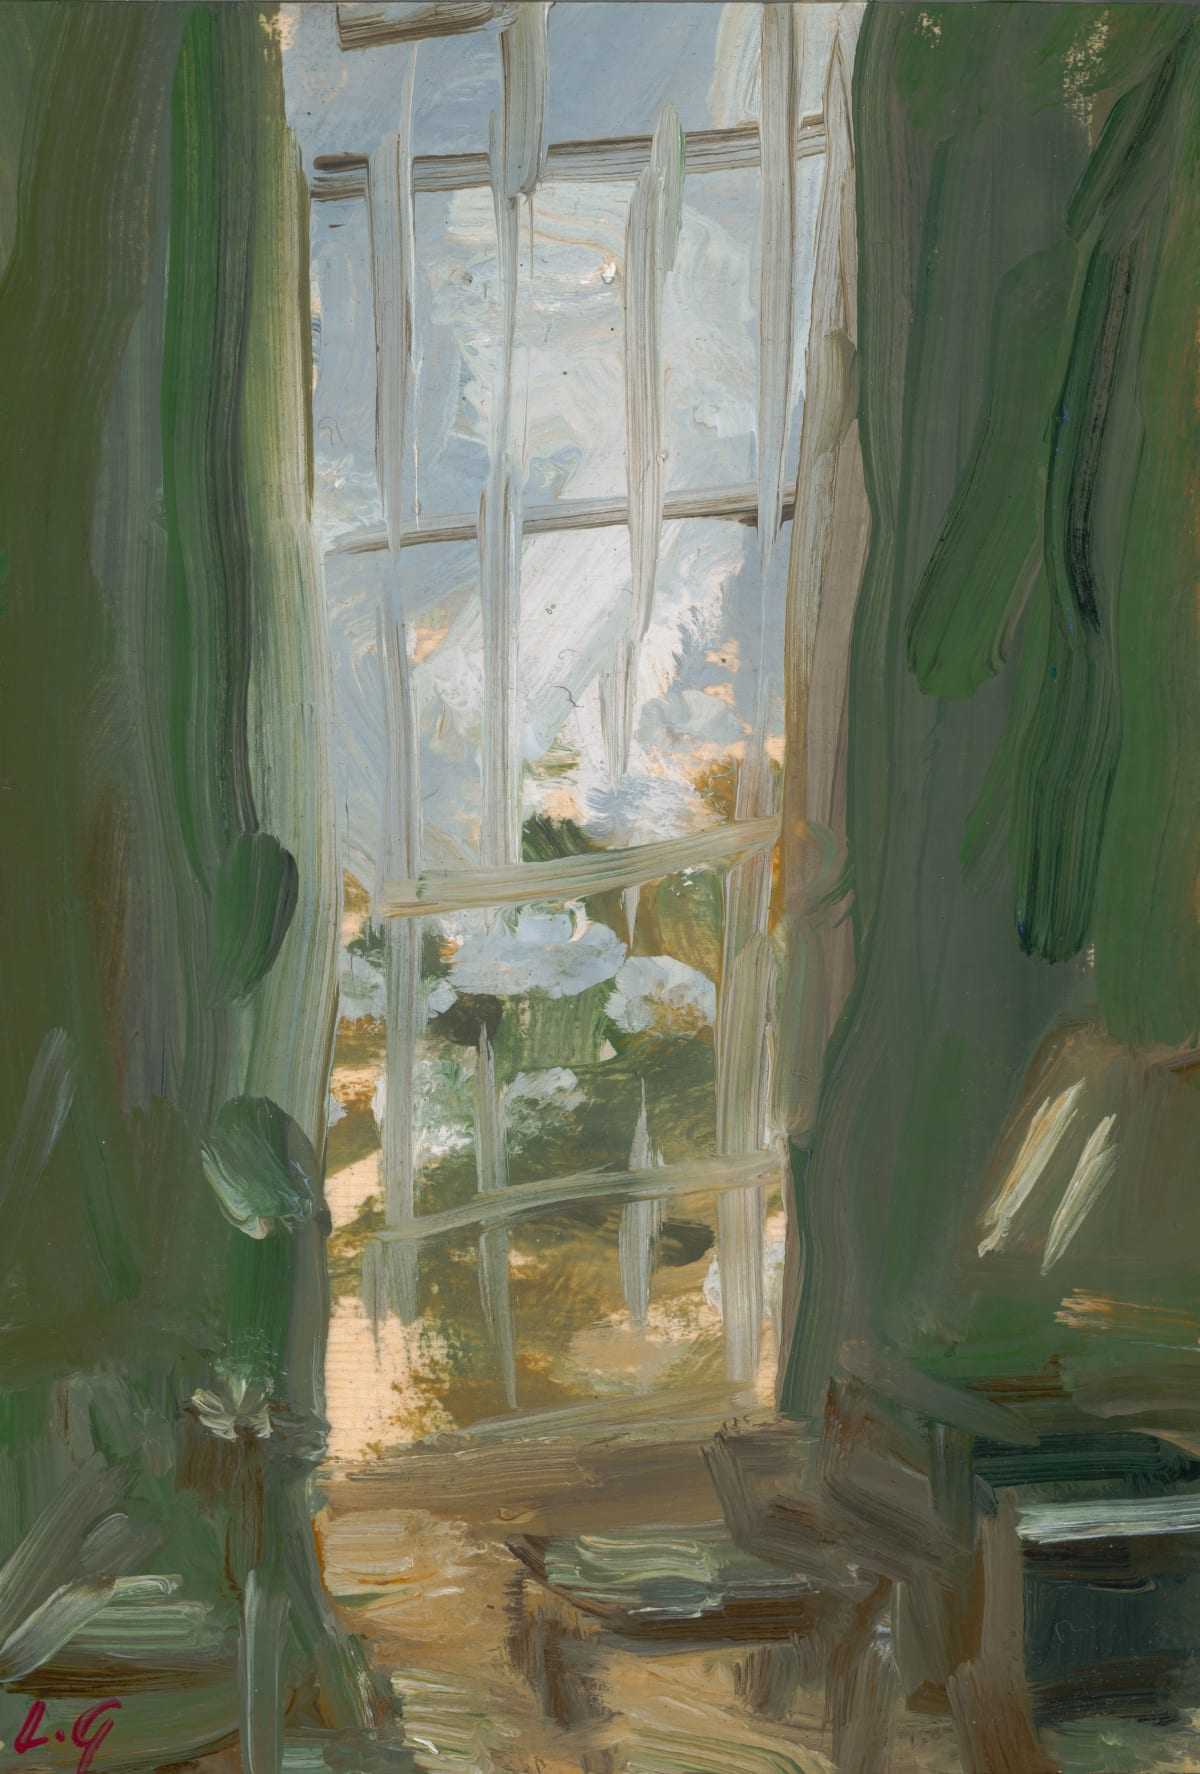 Lindy Guinness, Velvet, Light and Leaves, 2020